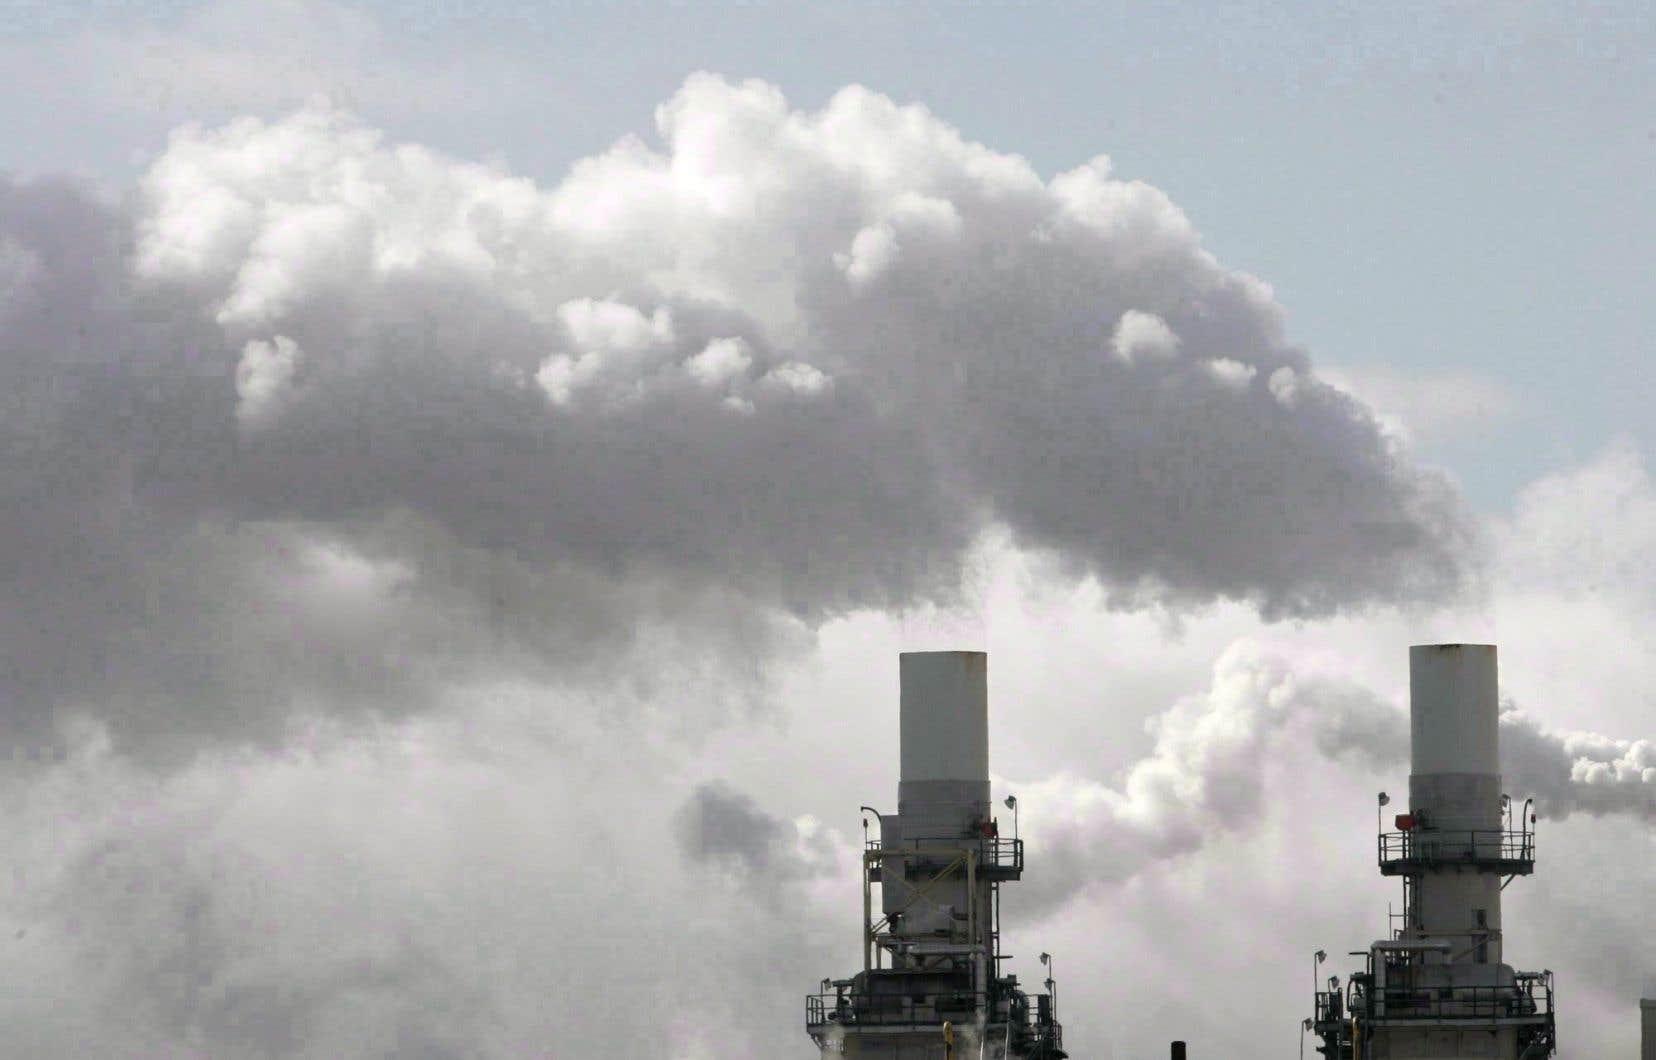 L'Association canadienne des médecins pour l'environnement appelleles citoyens à se mobiliser contre les changements climatiques.